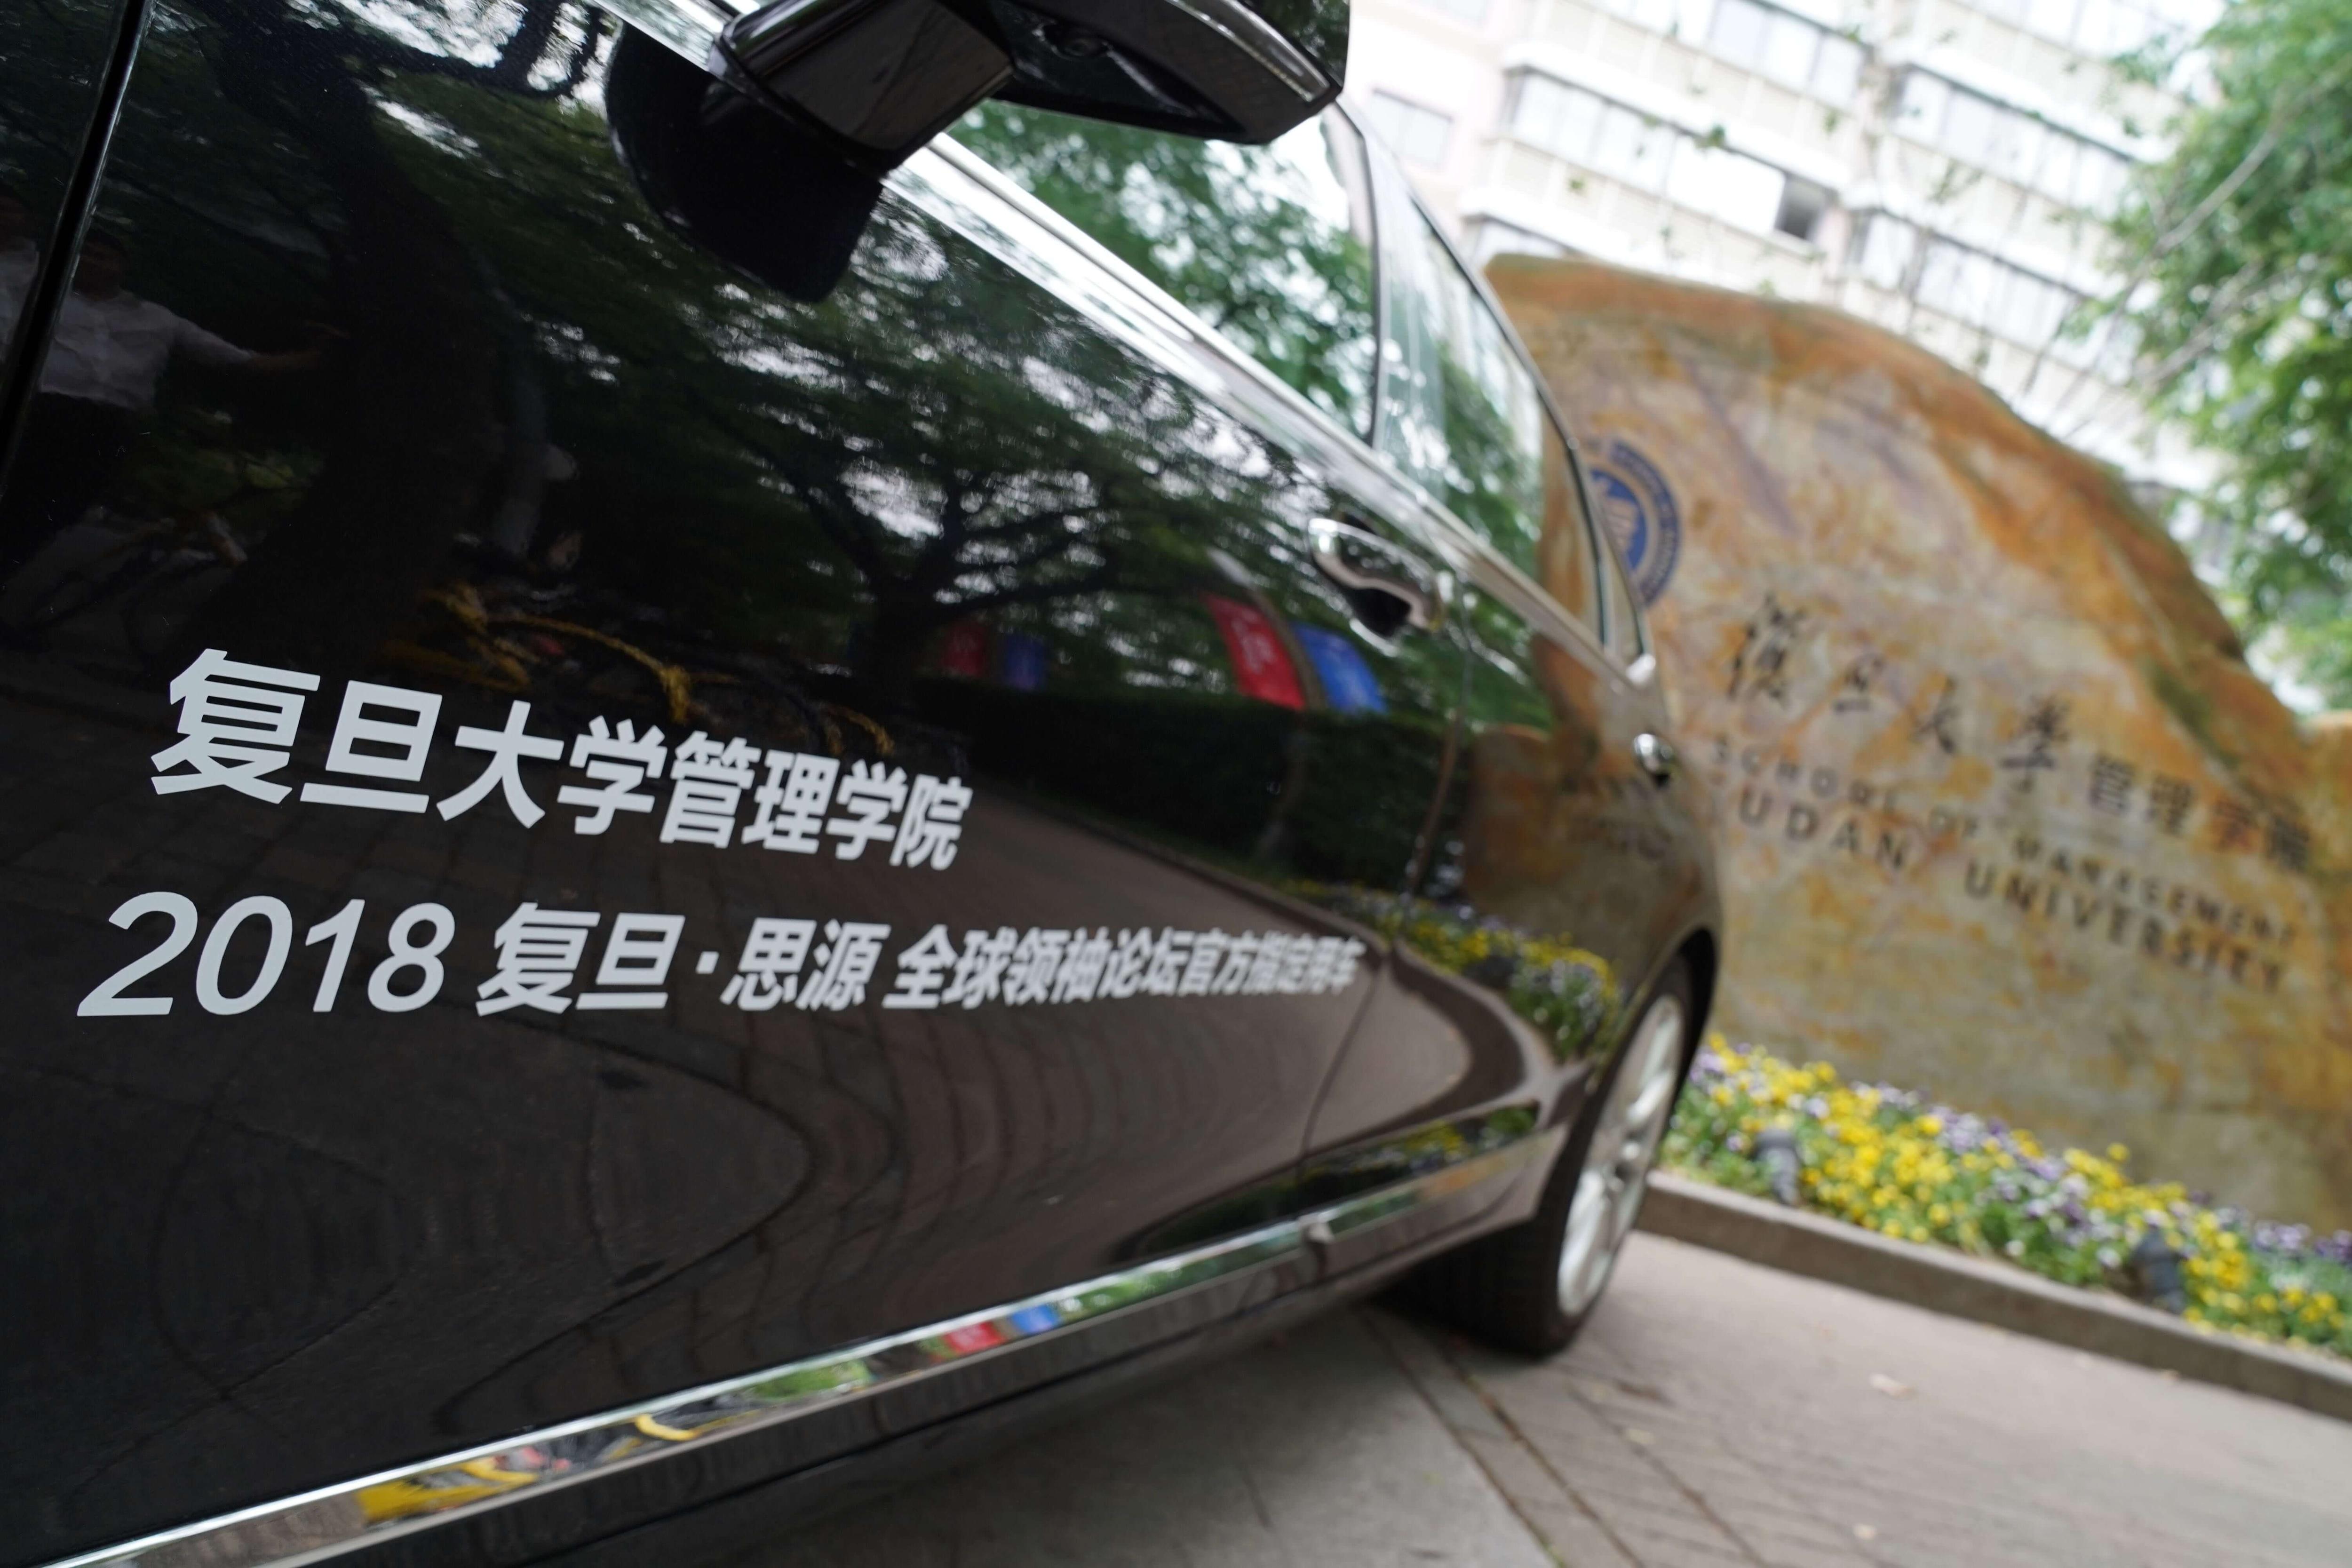 汇智·创新持续发展沃尔沃汽车鼎力支持2018复旦全球领袖论坛